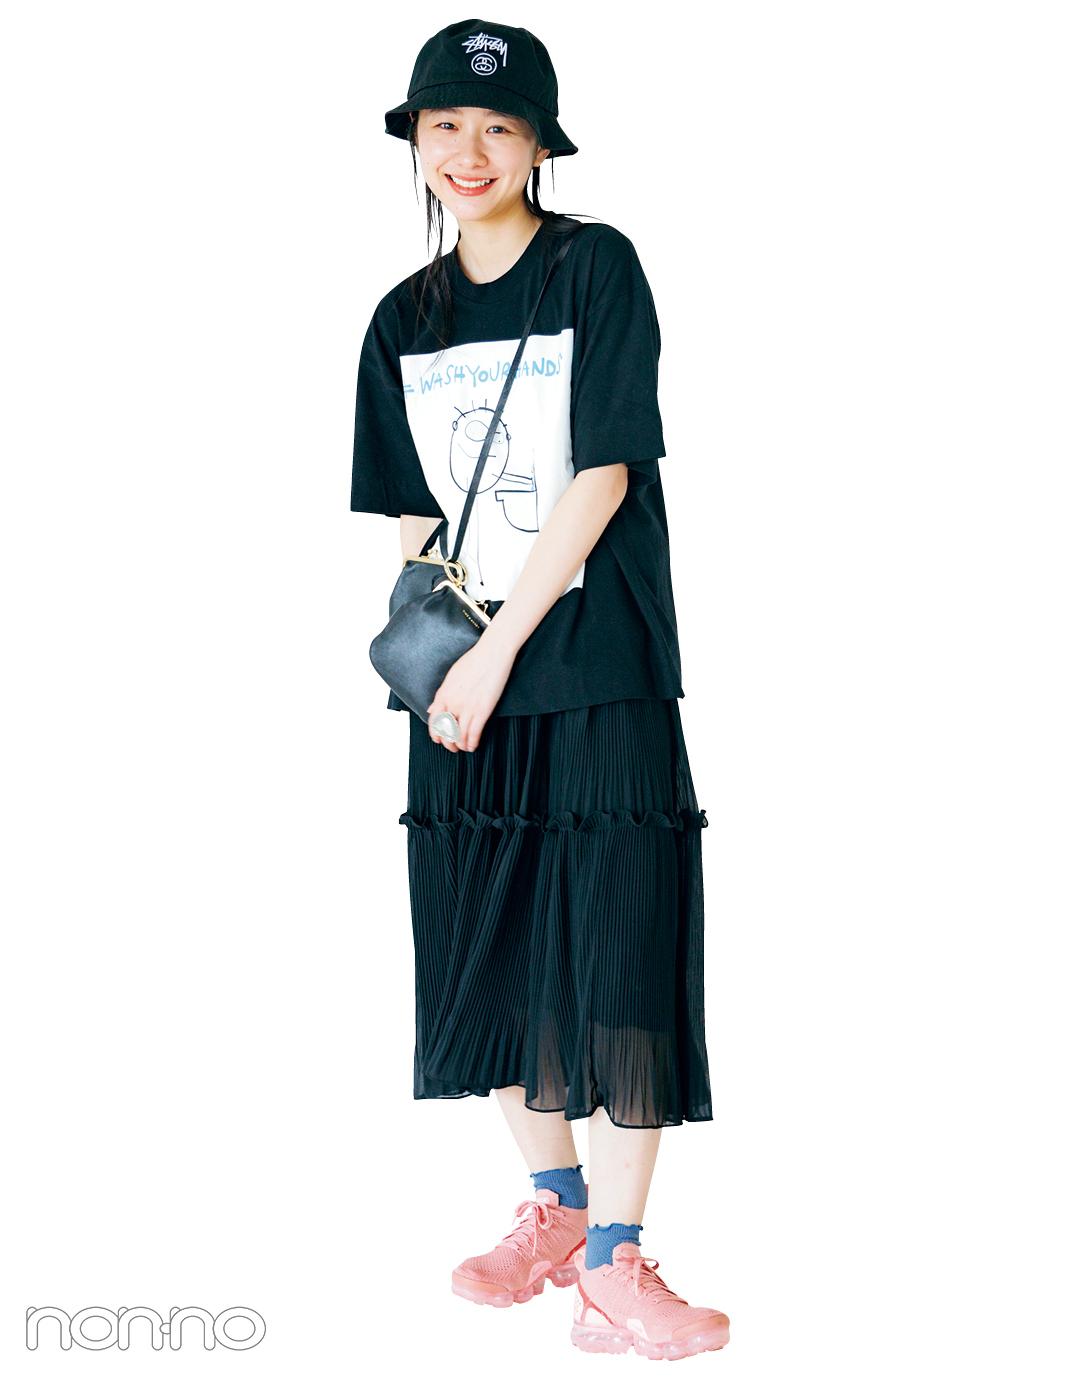 話題の#ほったさんの私服、見せて!vol.1 【ノンノモデルの夏私服:堀田真由】_1_5